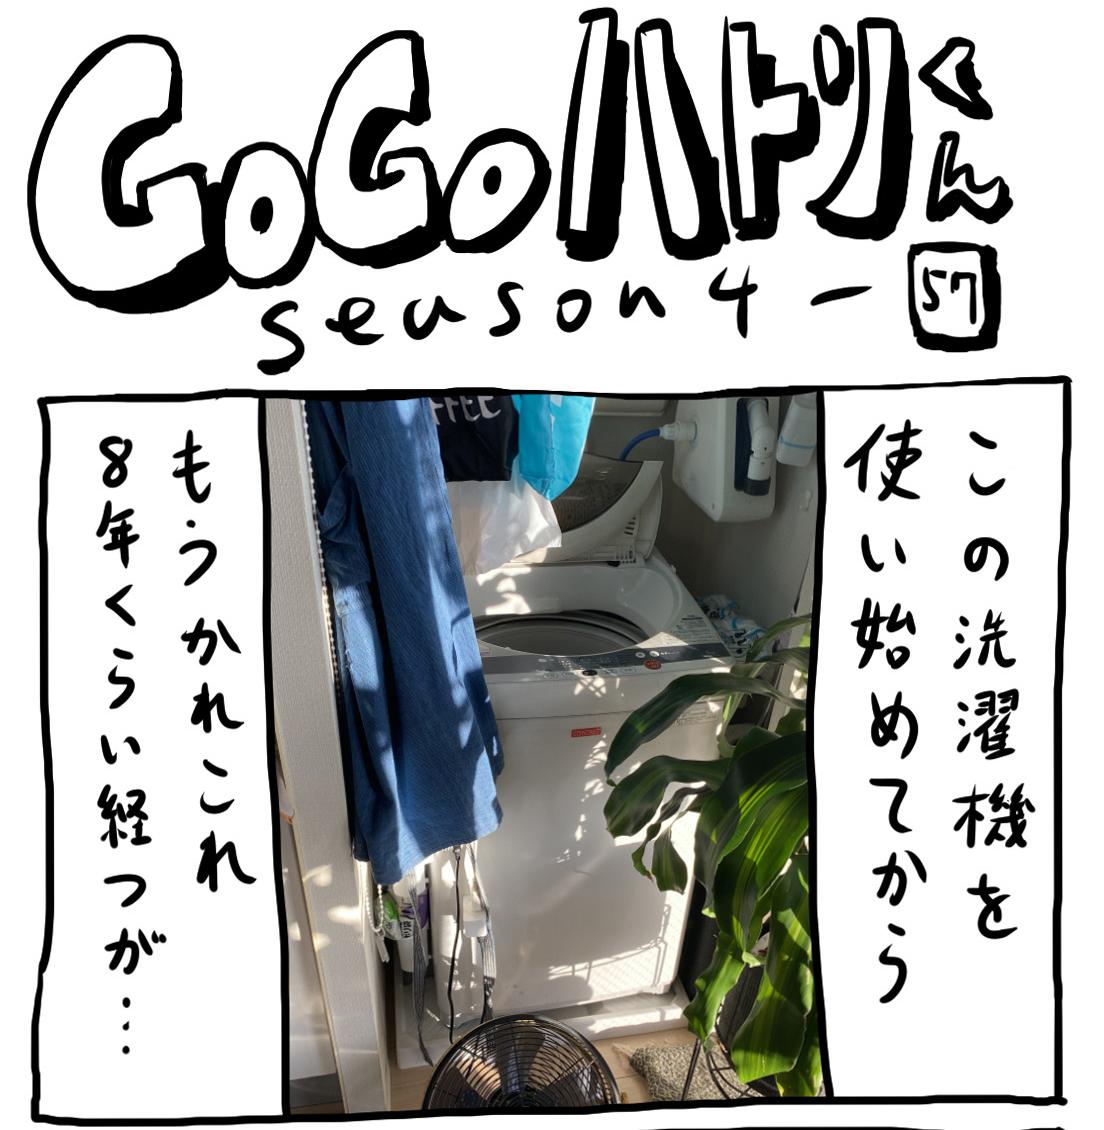 【代打4コマ】第137回「神隠しという名の注意力散漫」GOGOハトリくん